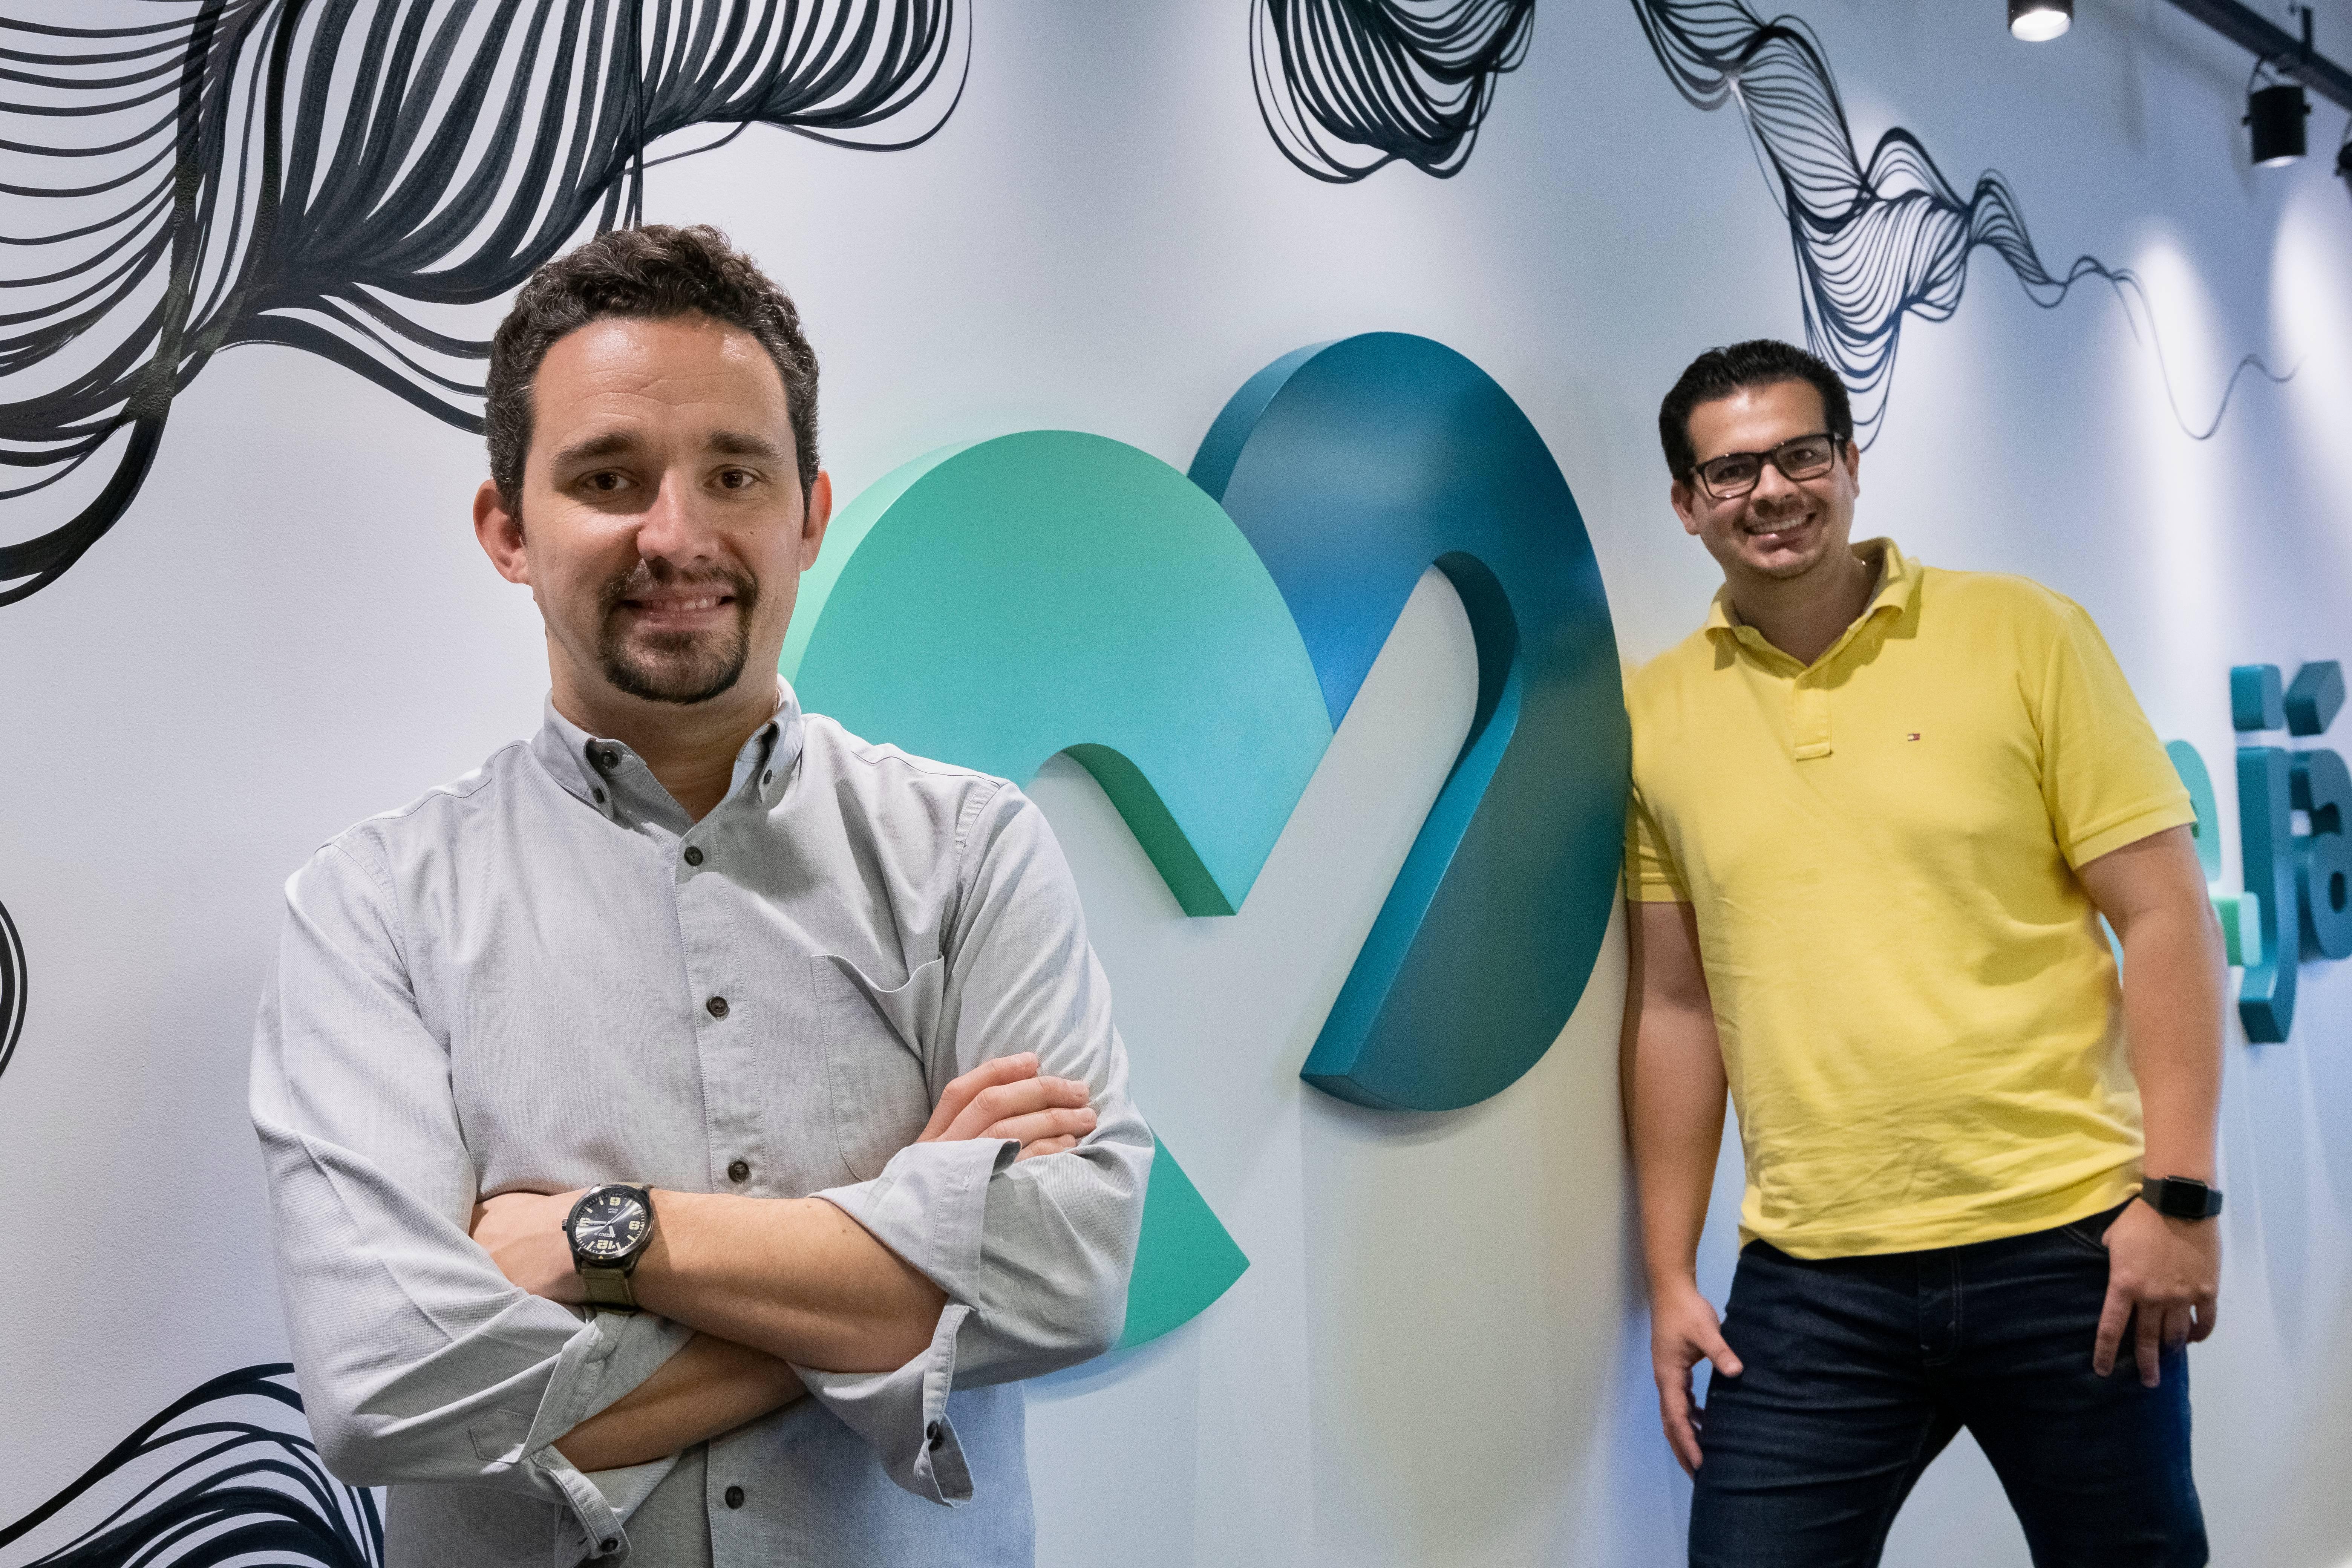 Rafael Abreu e  Luiz Henrique Garcia, fundadores da QuiteJá, fintech curitibana com uma plataforma de recuperação de crédito inovadora. Foto: Divulgação.